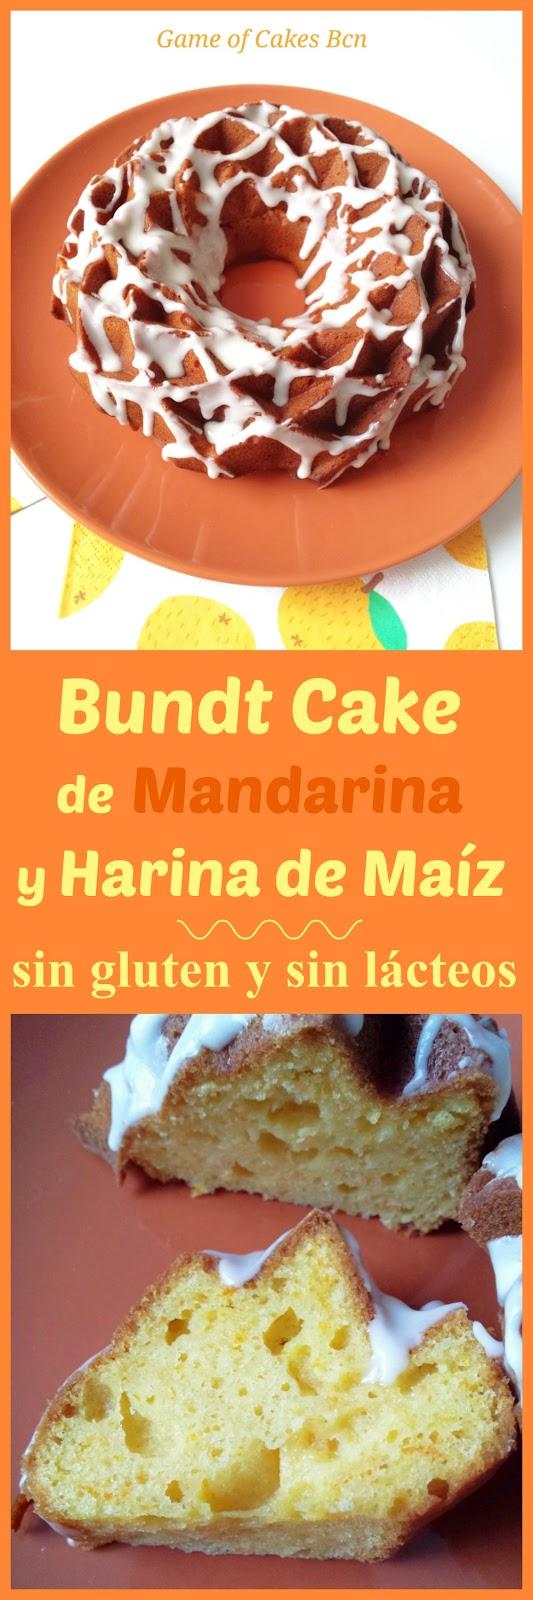 bundt cake mandarina y harina de maíz, sin gluten y sin lácteos